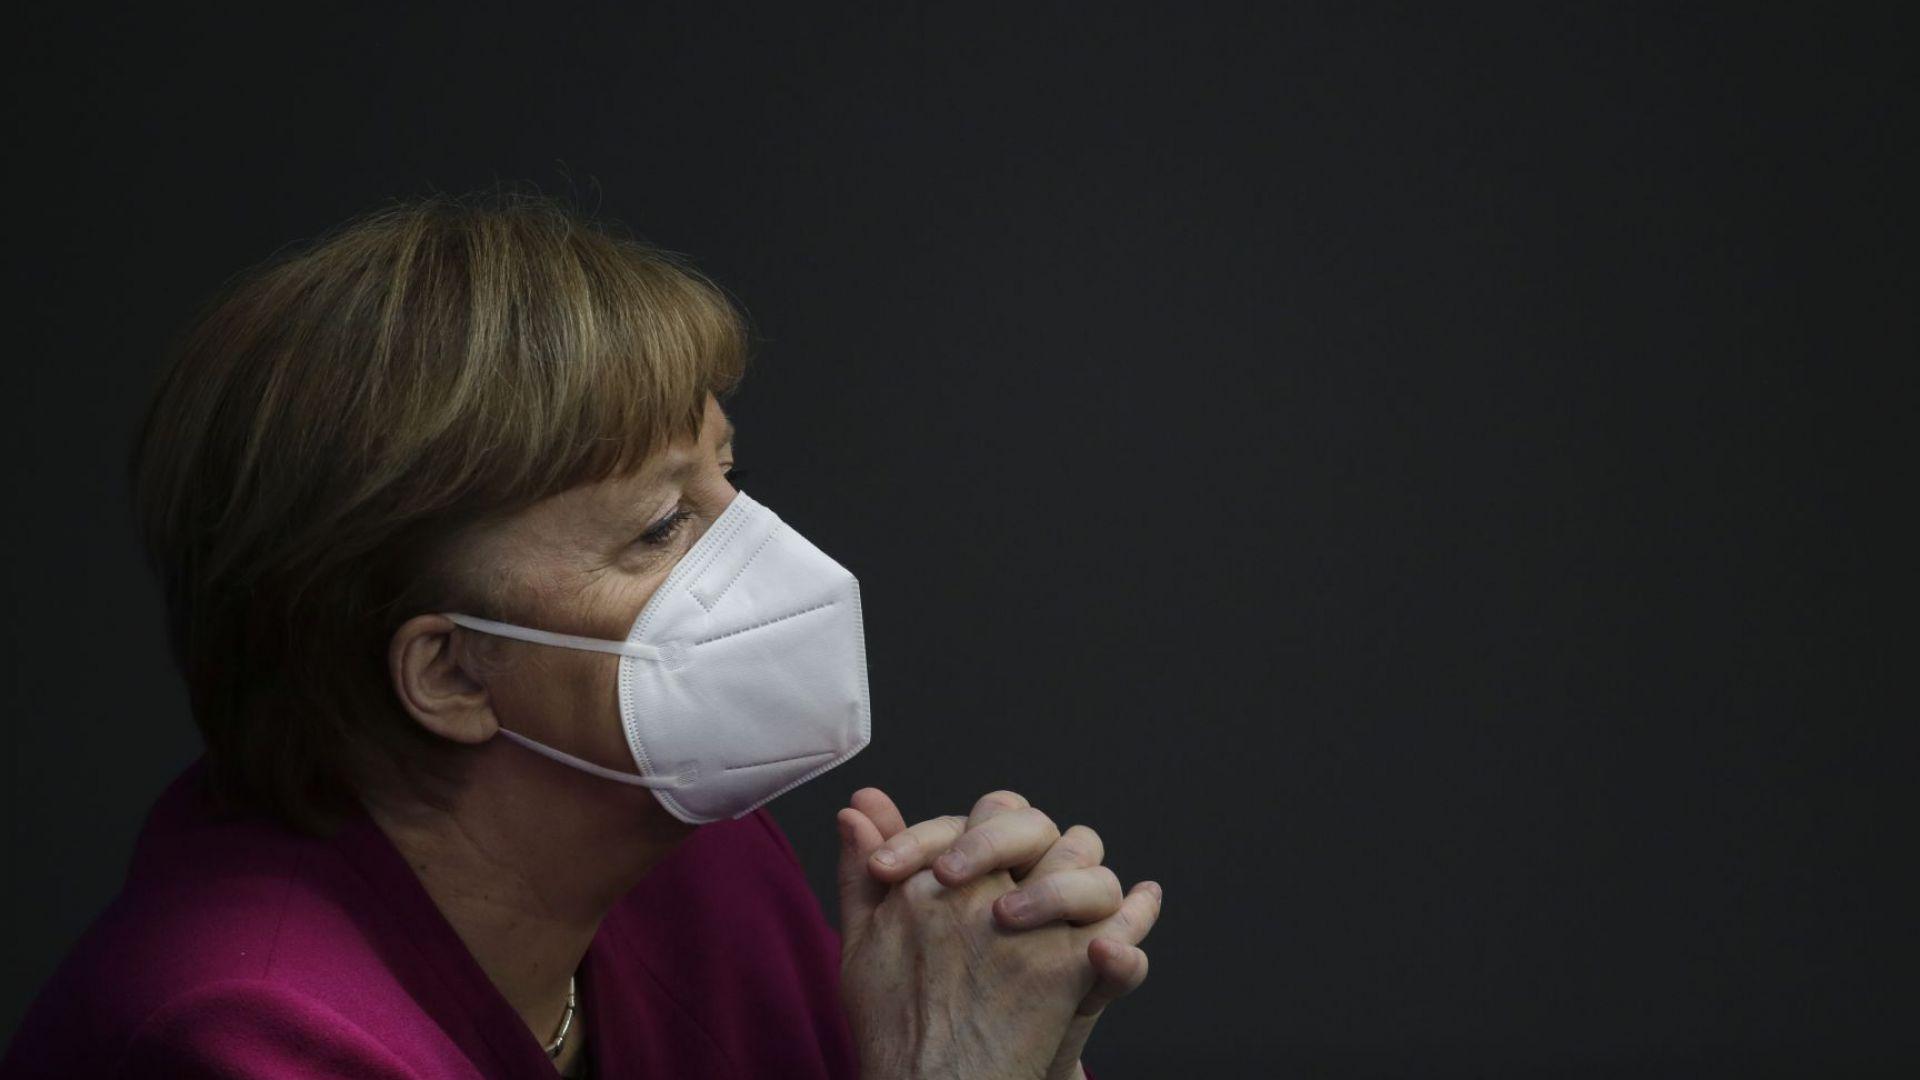 Хиляди германски актьори на протест заради COVID мерките. Меркел: Приемете ги, нужни са